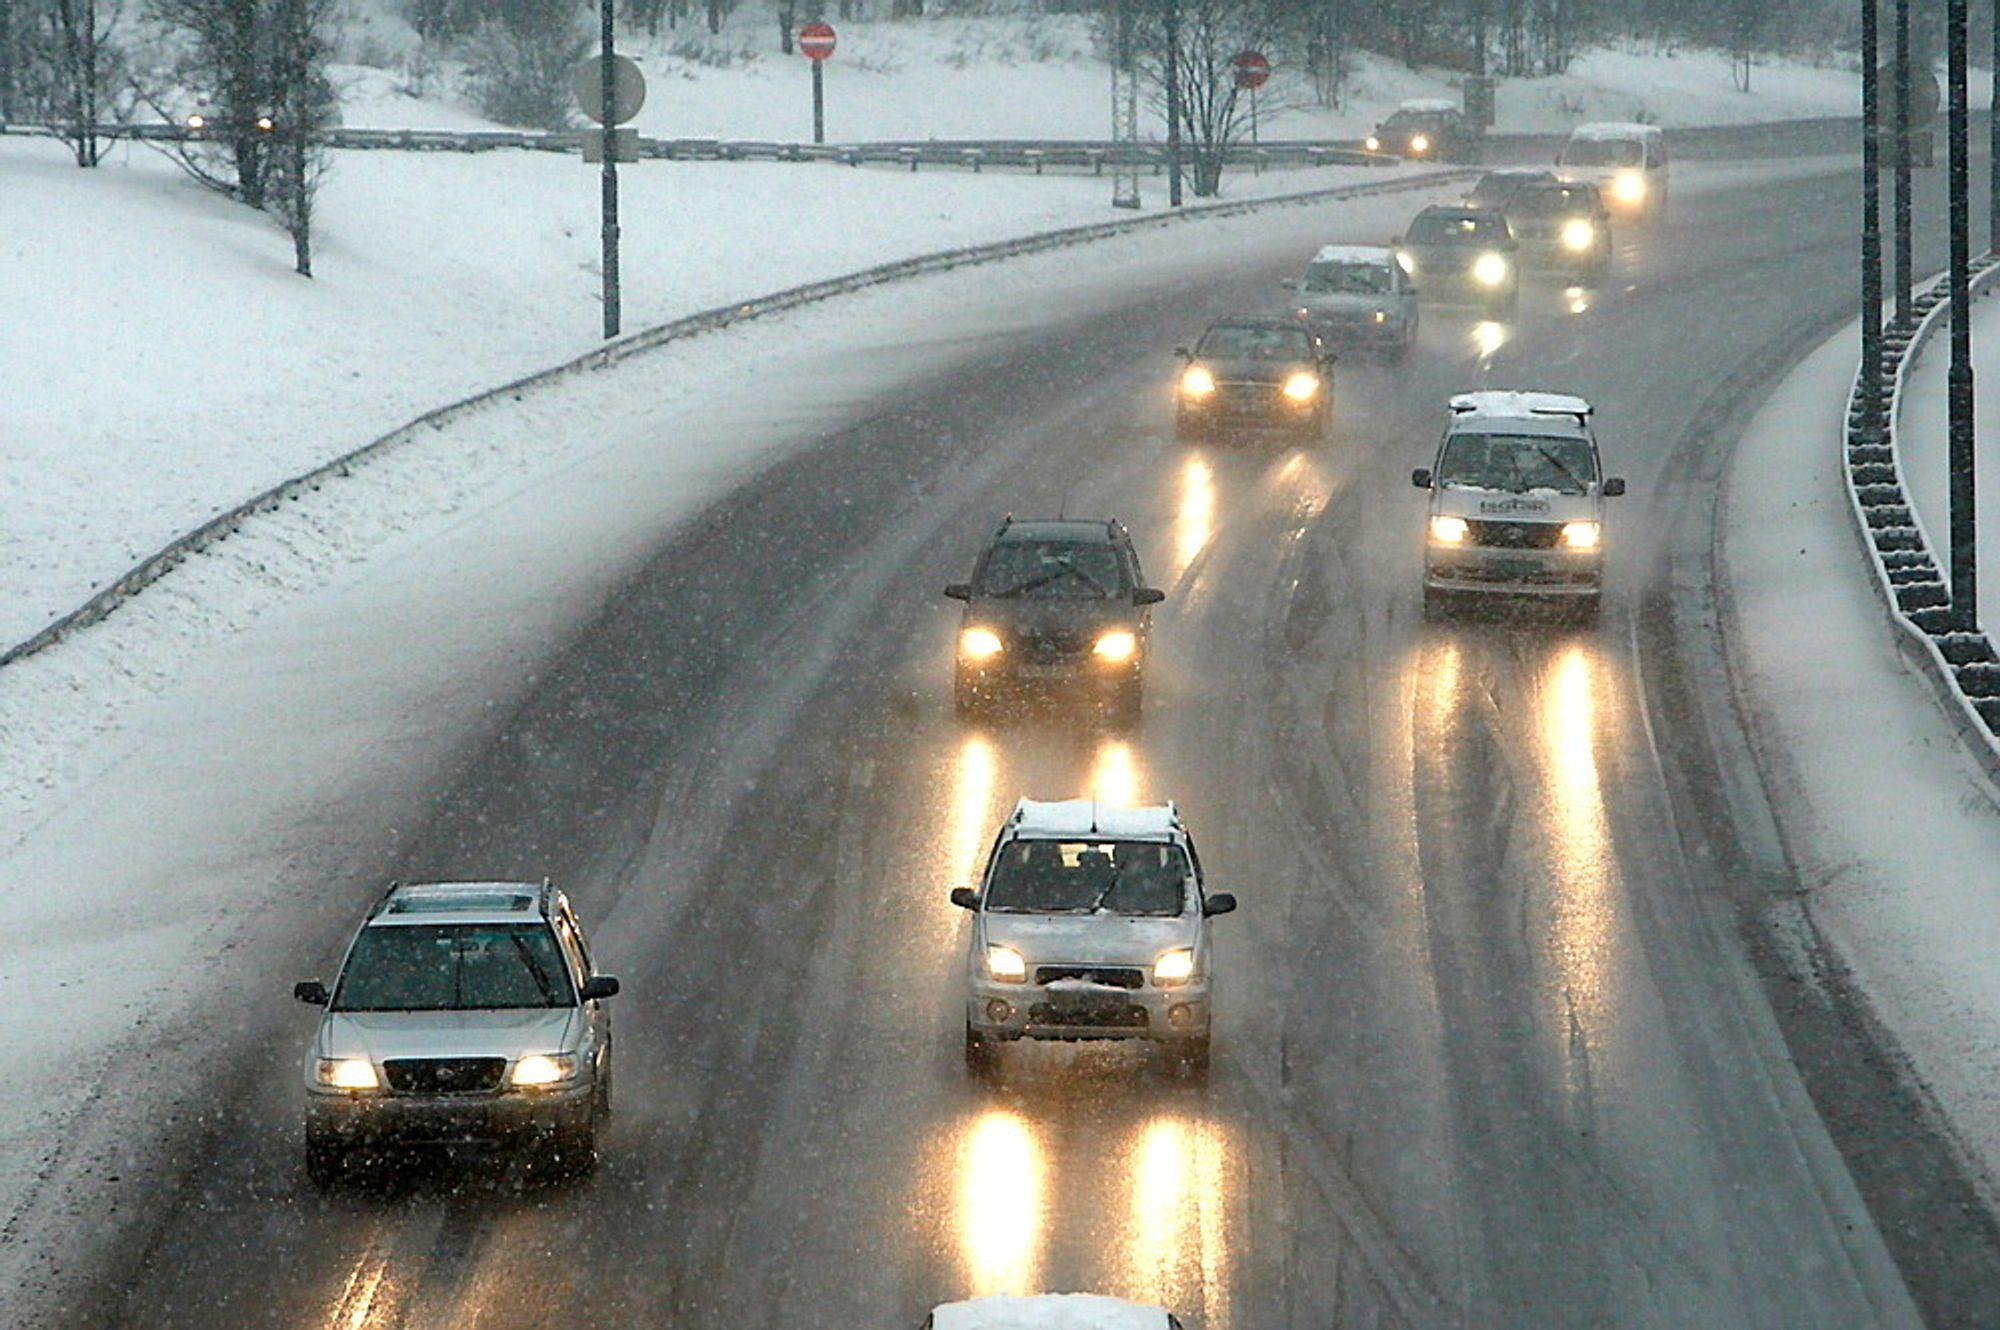 Fartssperre i biler vil kunne gi færre dødsulykker, mener Trygg Trafikk.